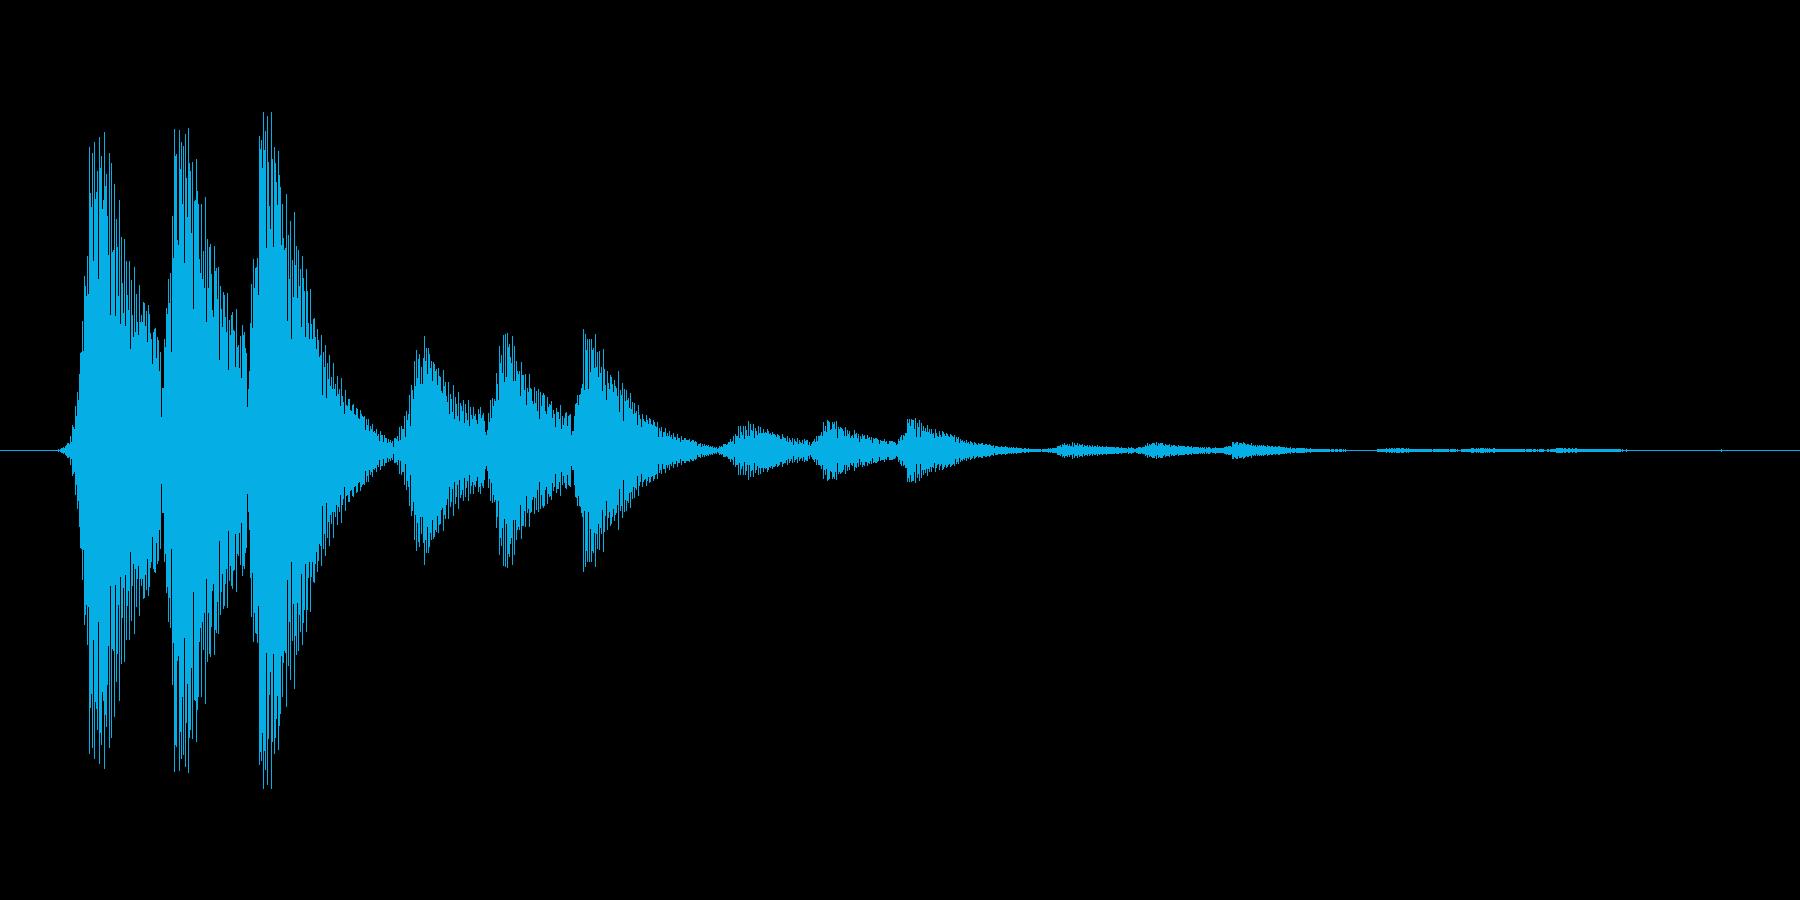 ファミコン風効果音 決定音系です 23の再生済みの波形